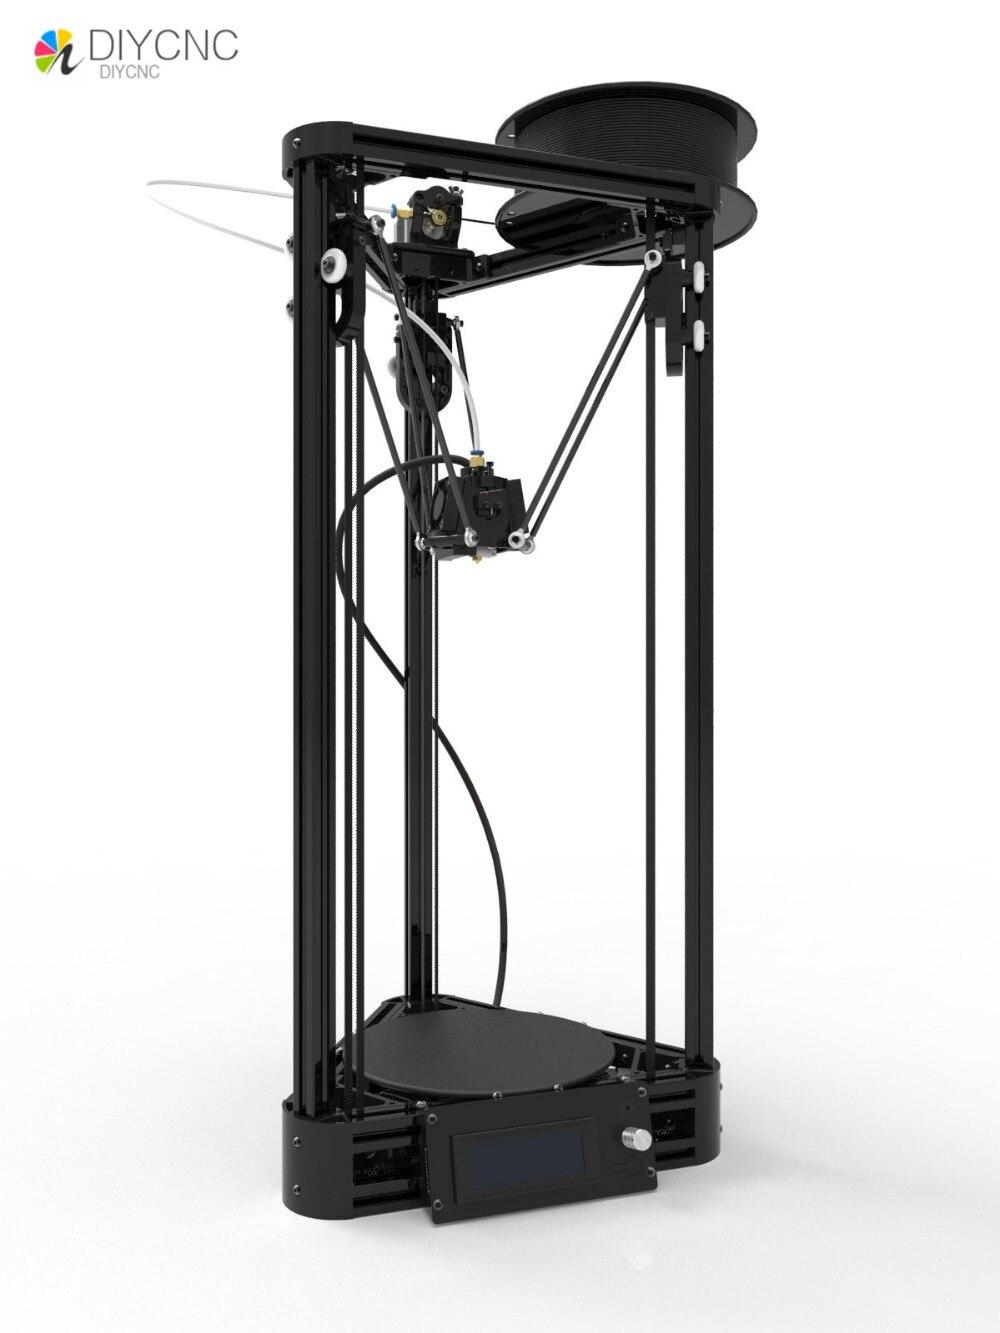 MICROMAKE imprimante poulie version bricolage kit d'apprentissage moulé par injection delta bras parallèle Kossel imprimante 3D